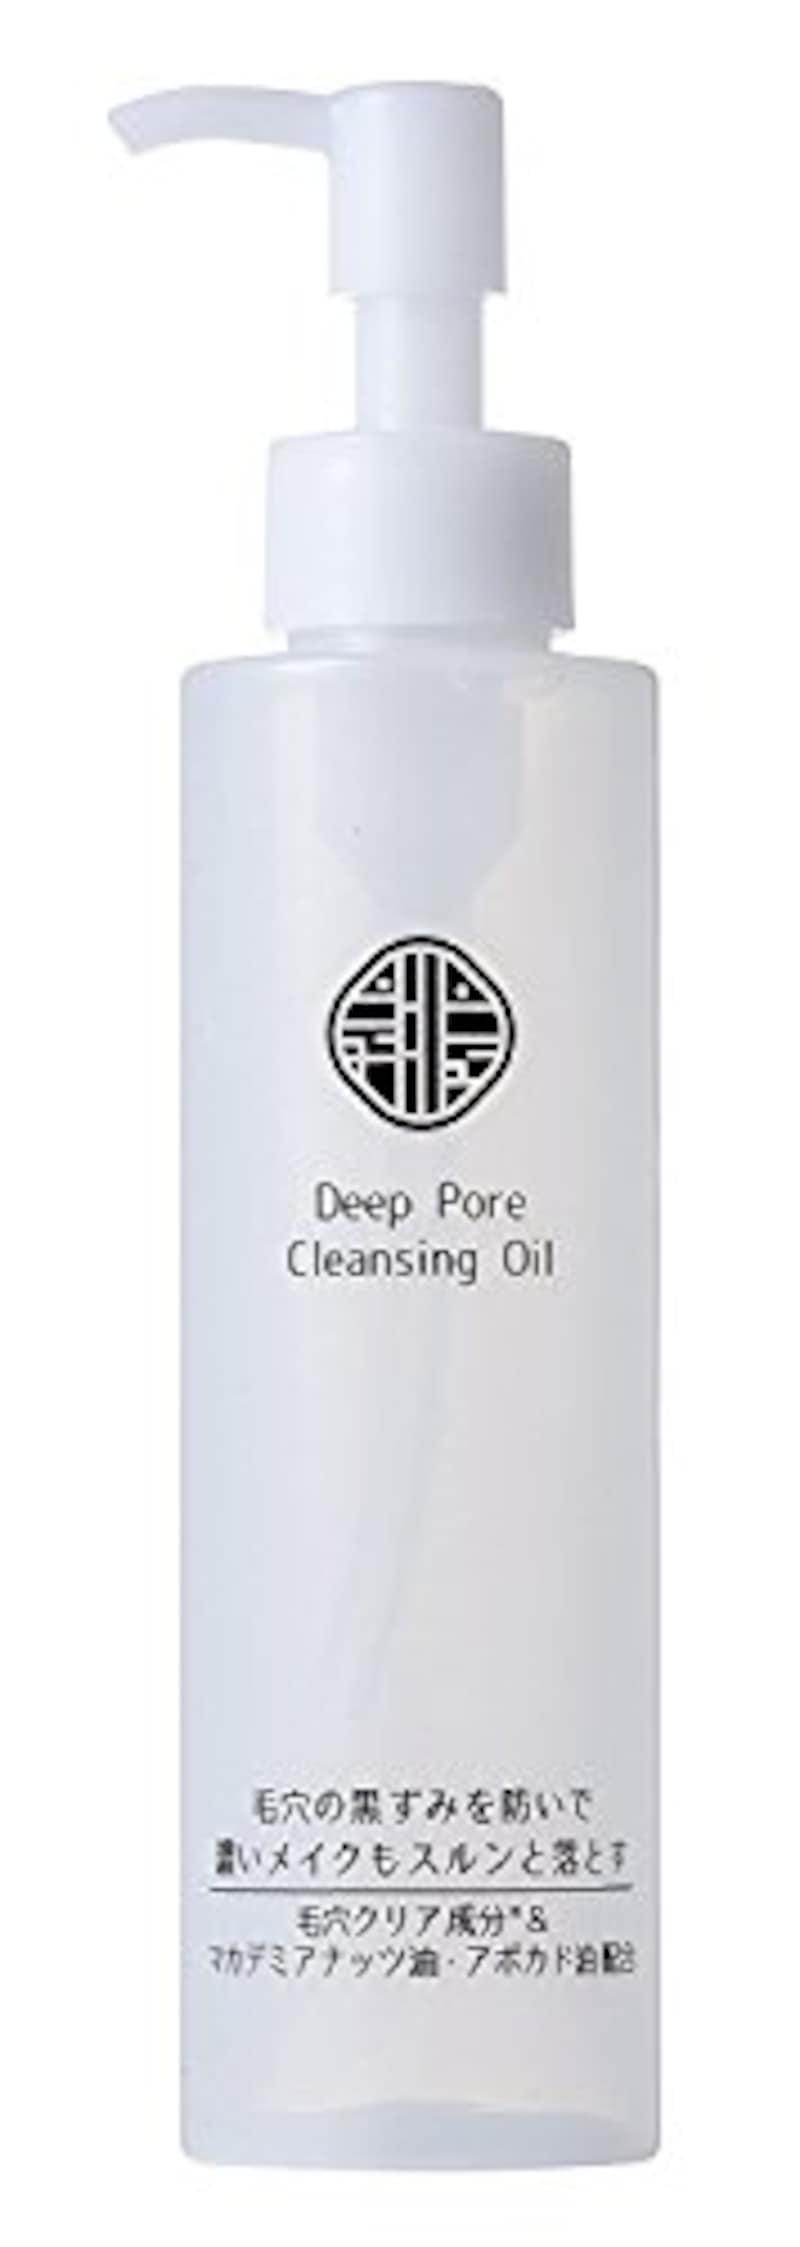 うる肌うるり,Deep Pore Cleansing Oil